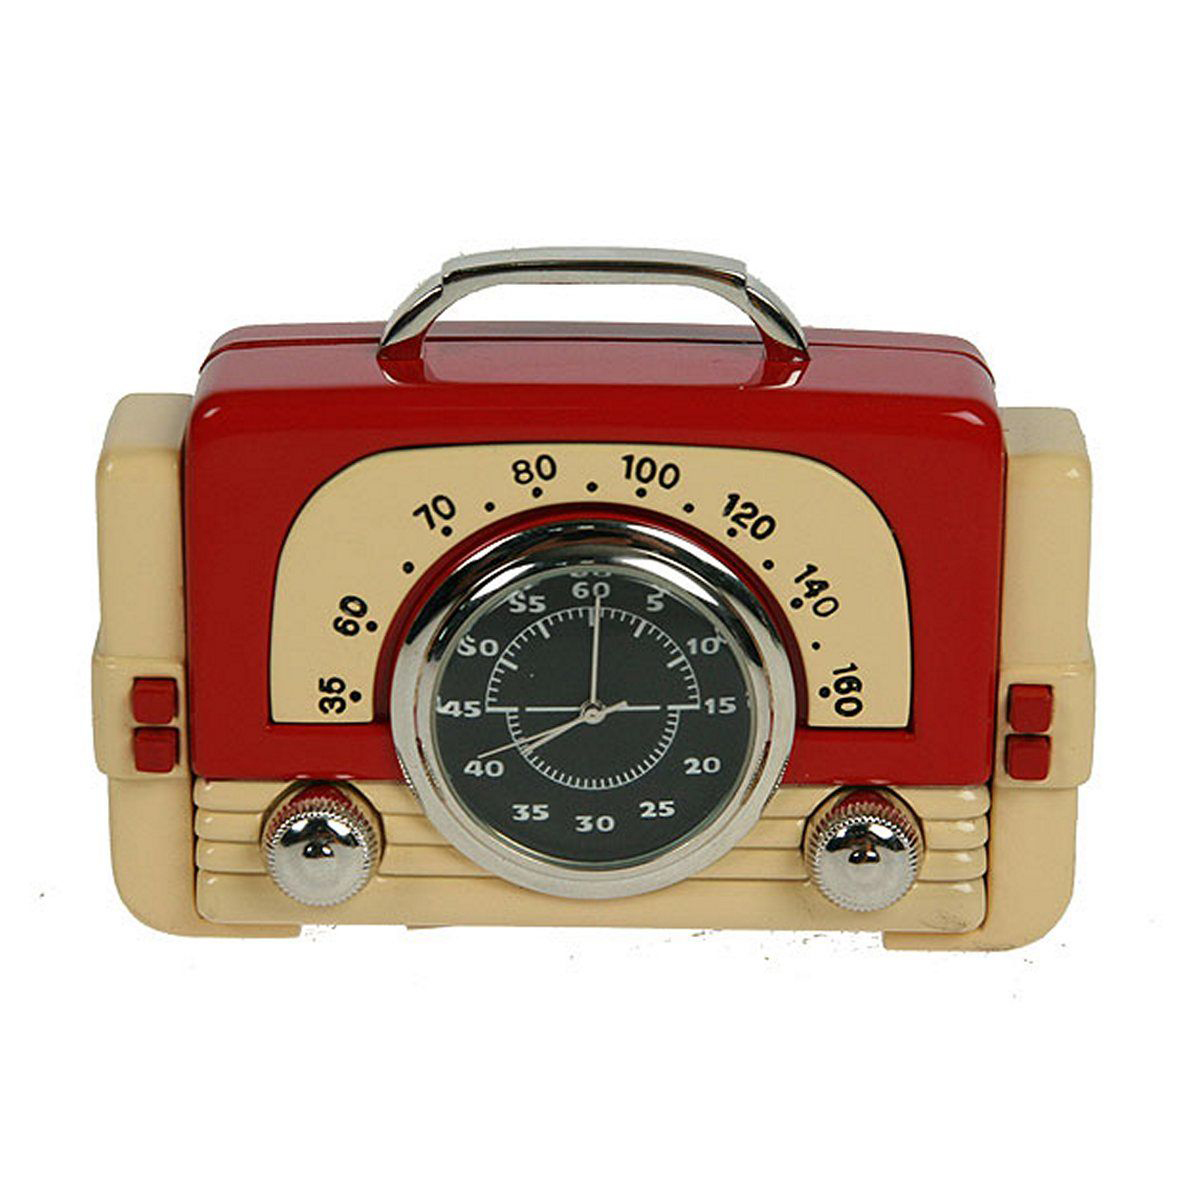 Часы настольные Русские Подарки Ретро радио, 8 х 2 х 5 см. 2241222412Настольные кварцевые часы Русские Подарки Ретро радио изготовлены из металла. Изделие оригинально оформлено в виде небольшого радиоприемника. Часы имеют три стрелки - часовую, минутную и секундную.Такие часы украсят интерьер дома или рабочий стол в офисе. Также часы могут стать уникальным, полезным подарком для родственников, коллег, знакомых и близких.Часы работают от батареек типа SR626 (в комплект не входят).